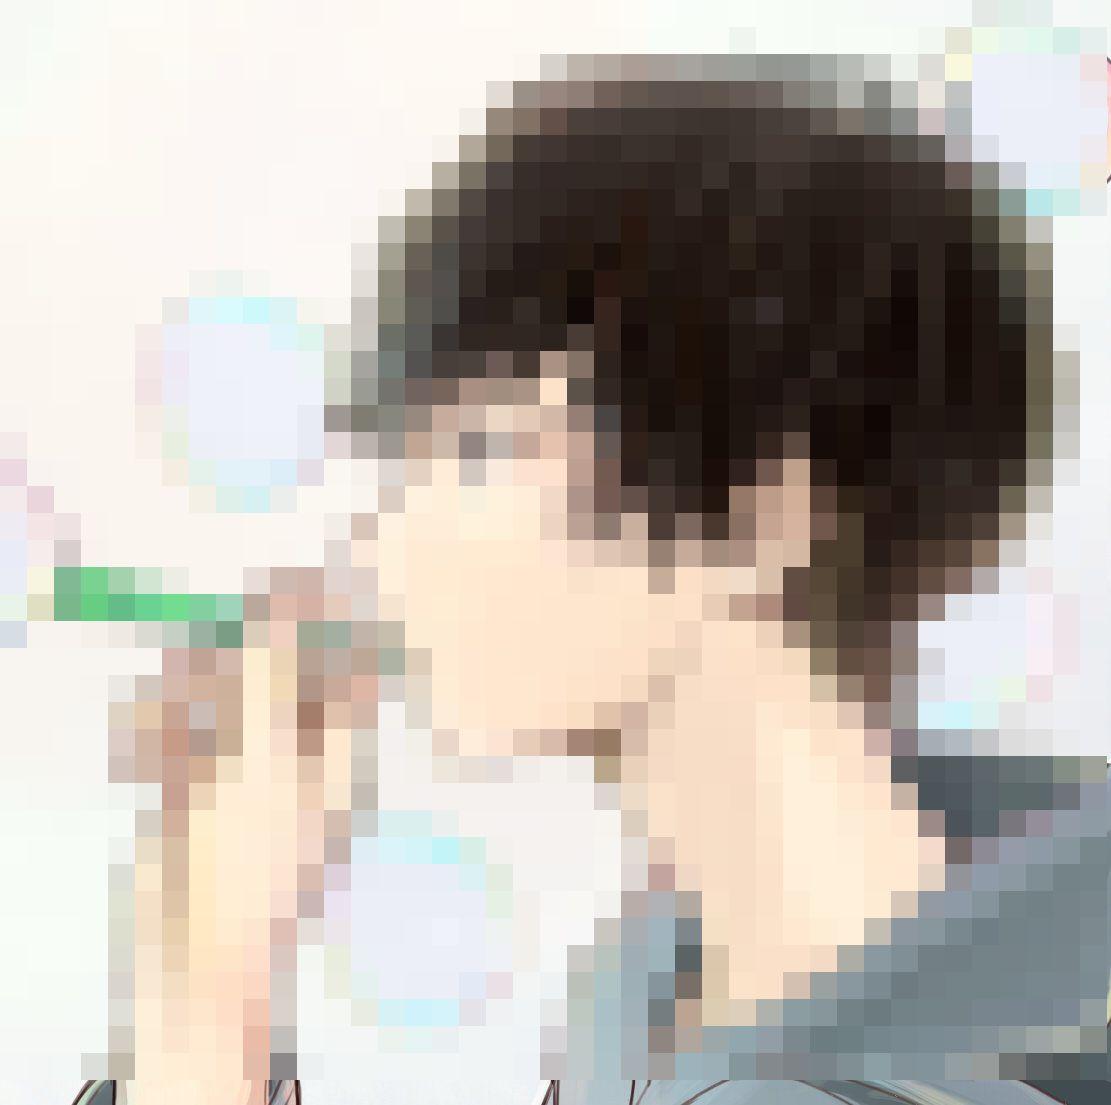 f:id:MagurotsuKajiki:20201020194646j:plain